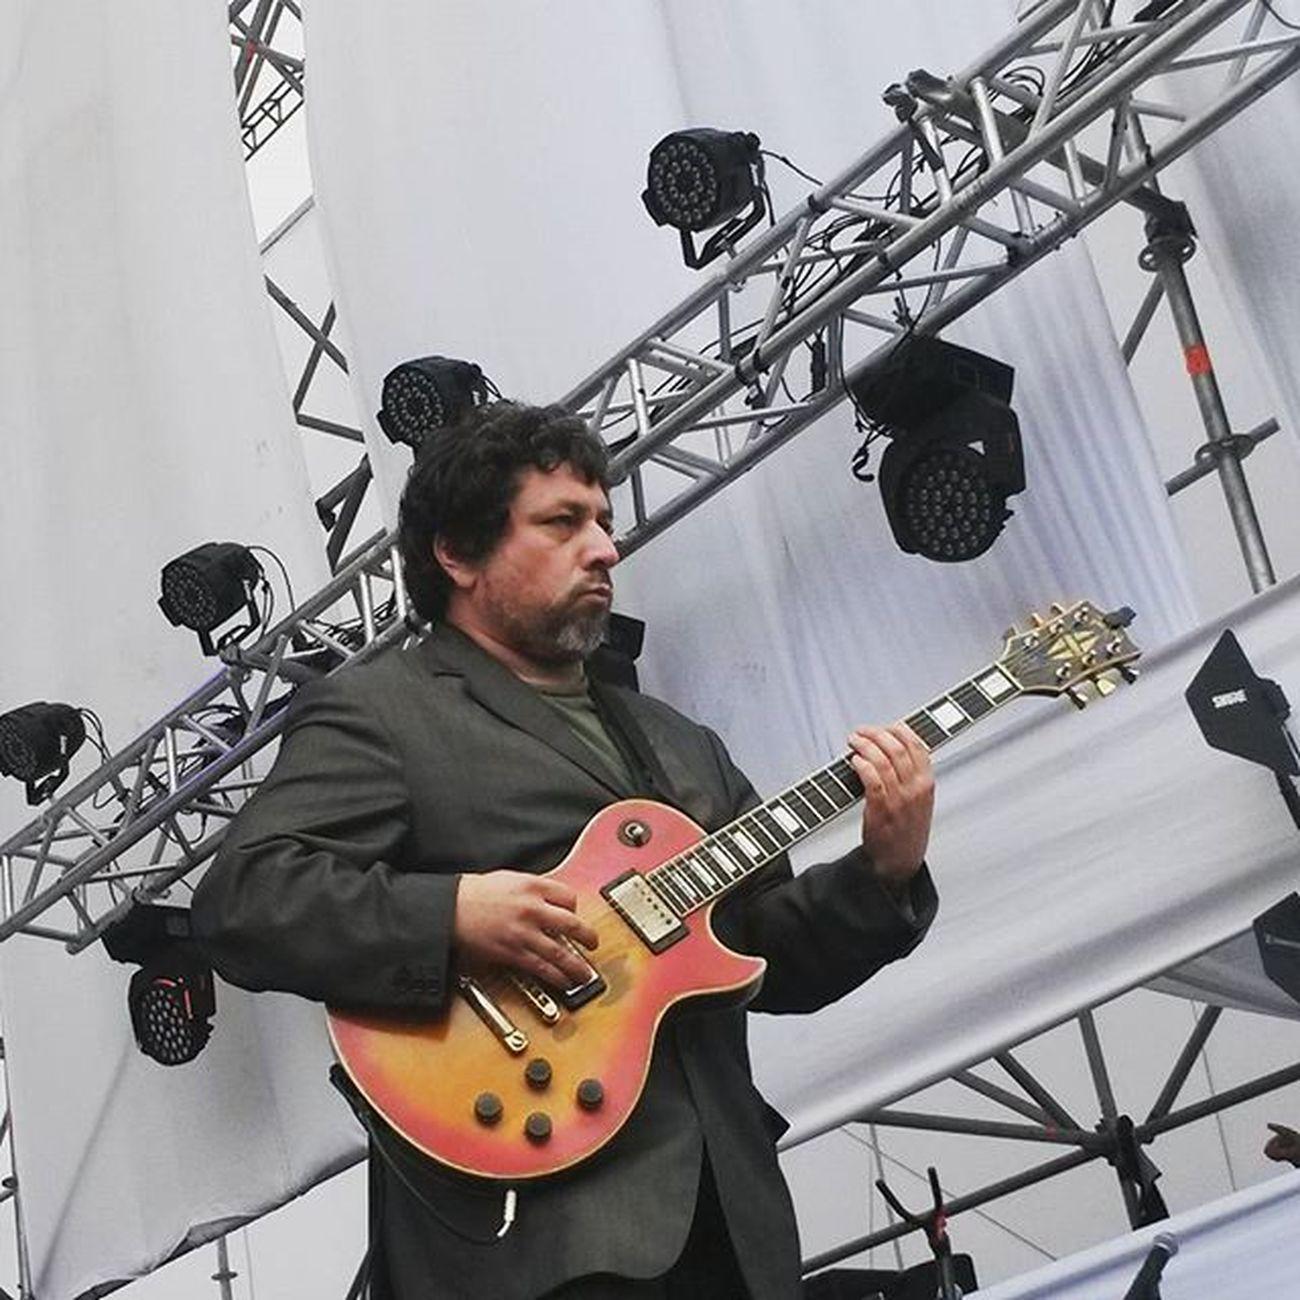 El gran Mauricio Melo tocando junto a Los Brando en Rockenconce Rock Musicphotographer Musicphotography Chile Concepción Instachile Music Musicfestival Concert Snapshot Chile_360